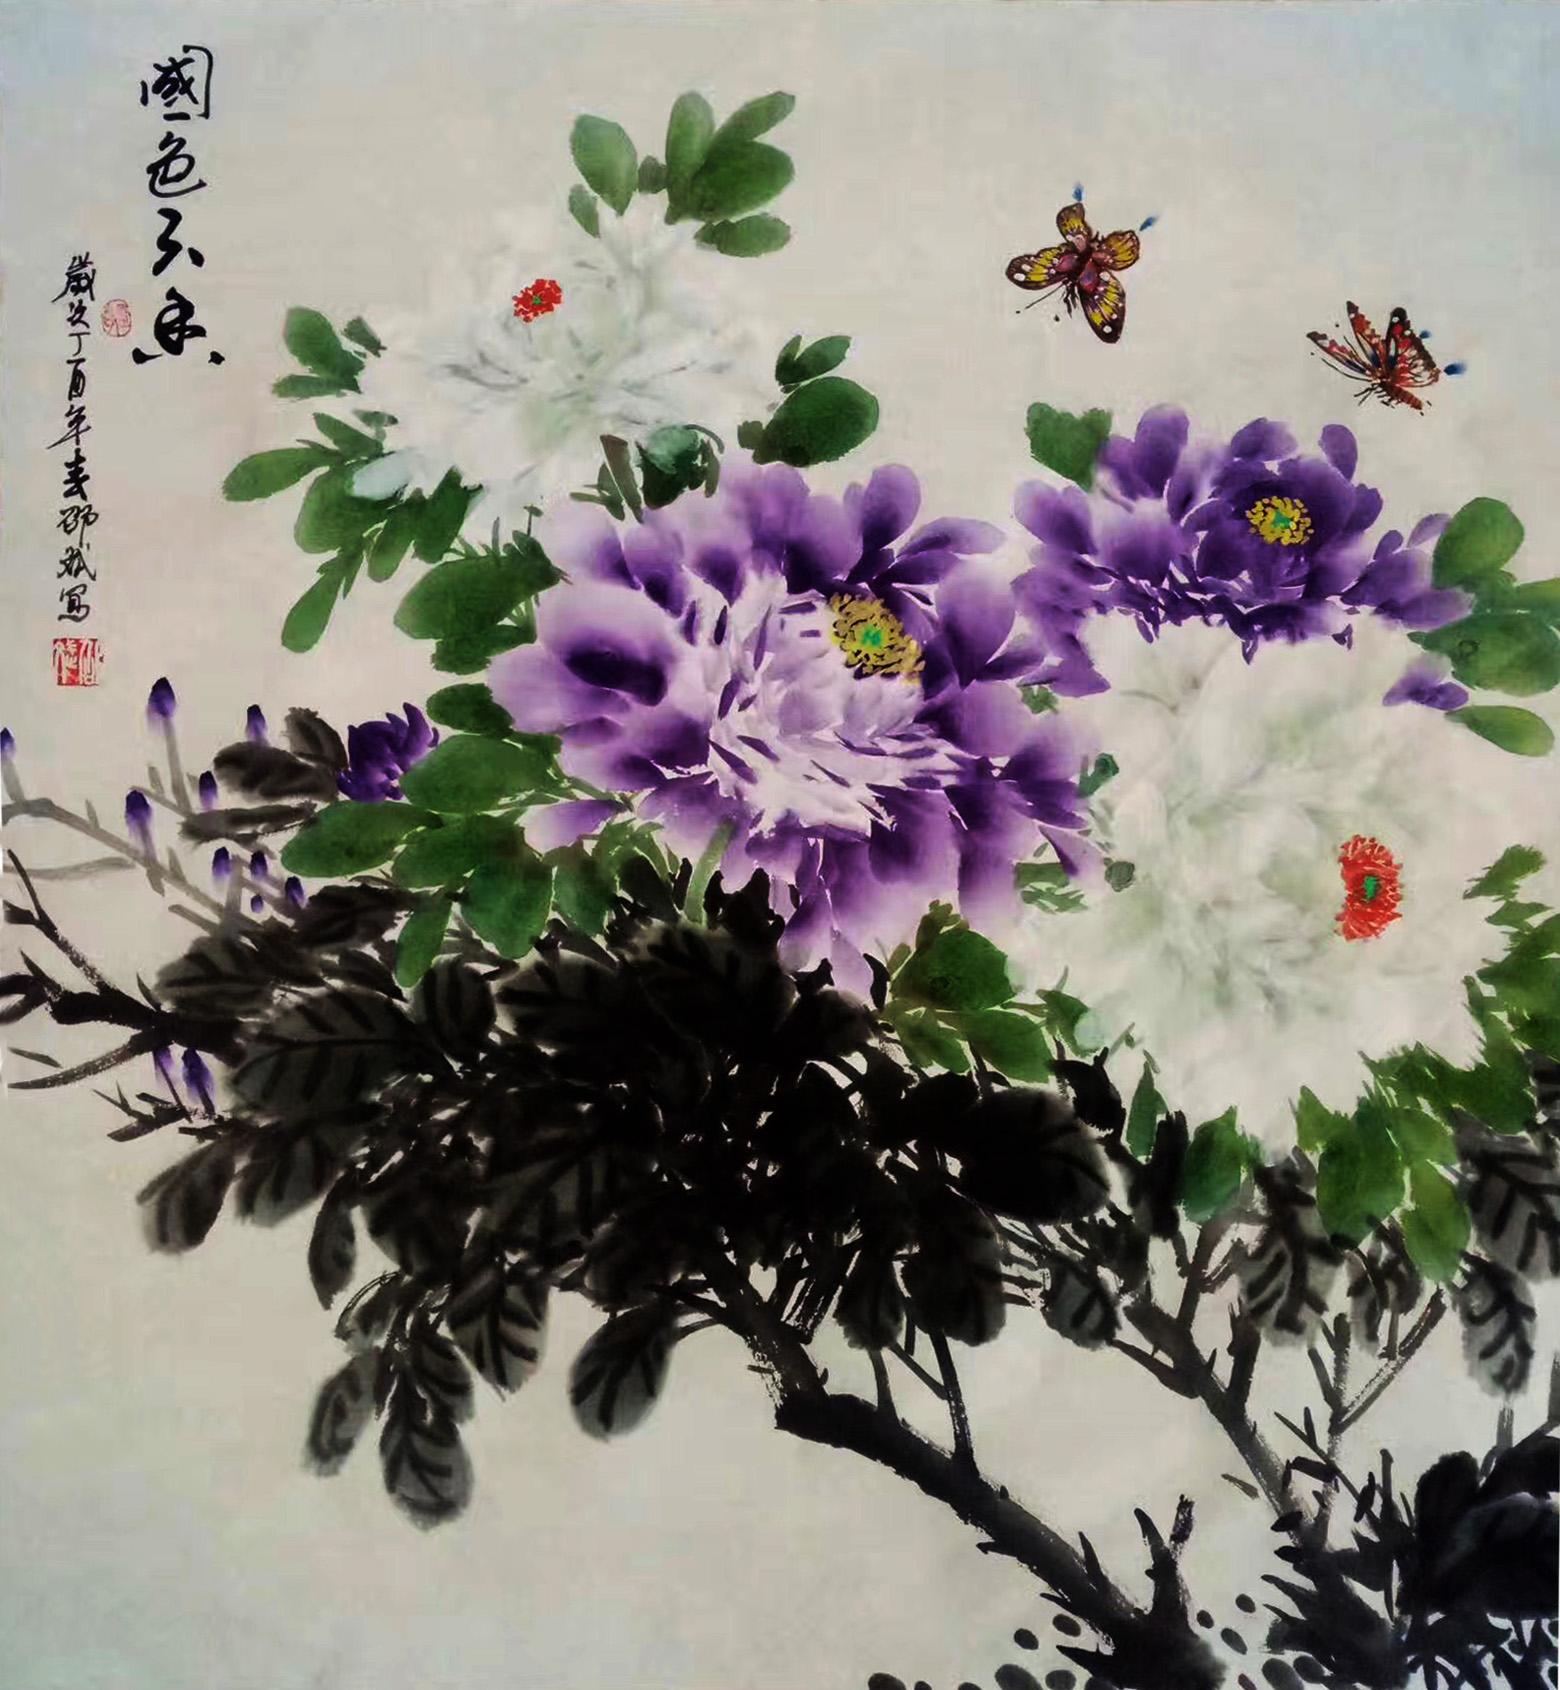 国色天香 斗方 丁酉春月